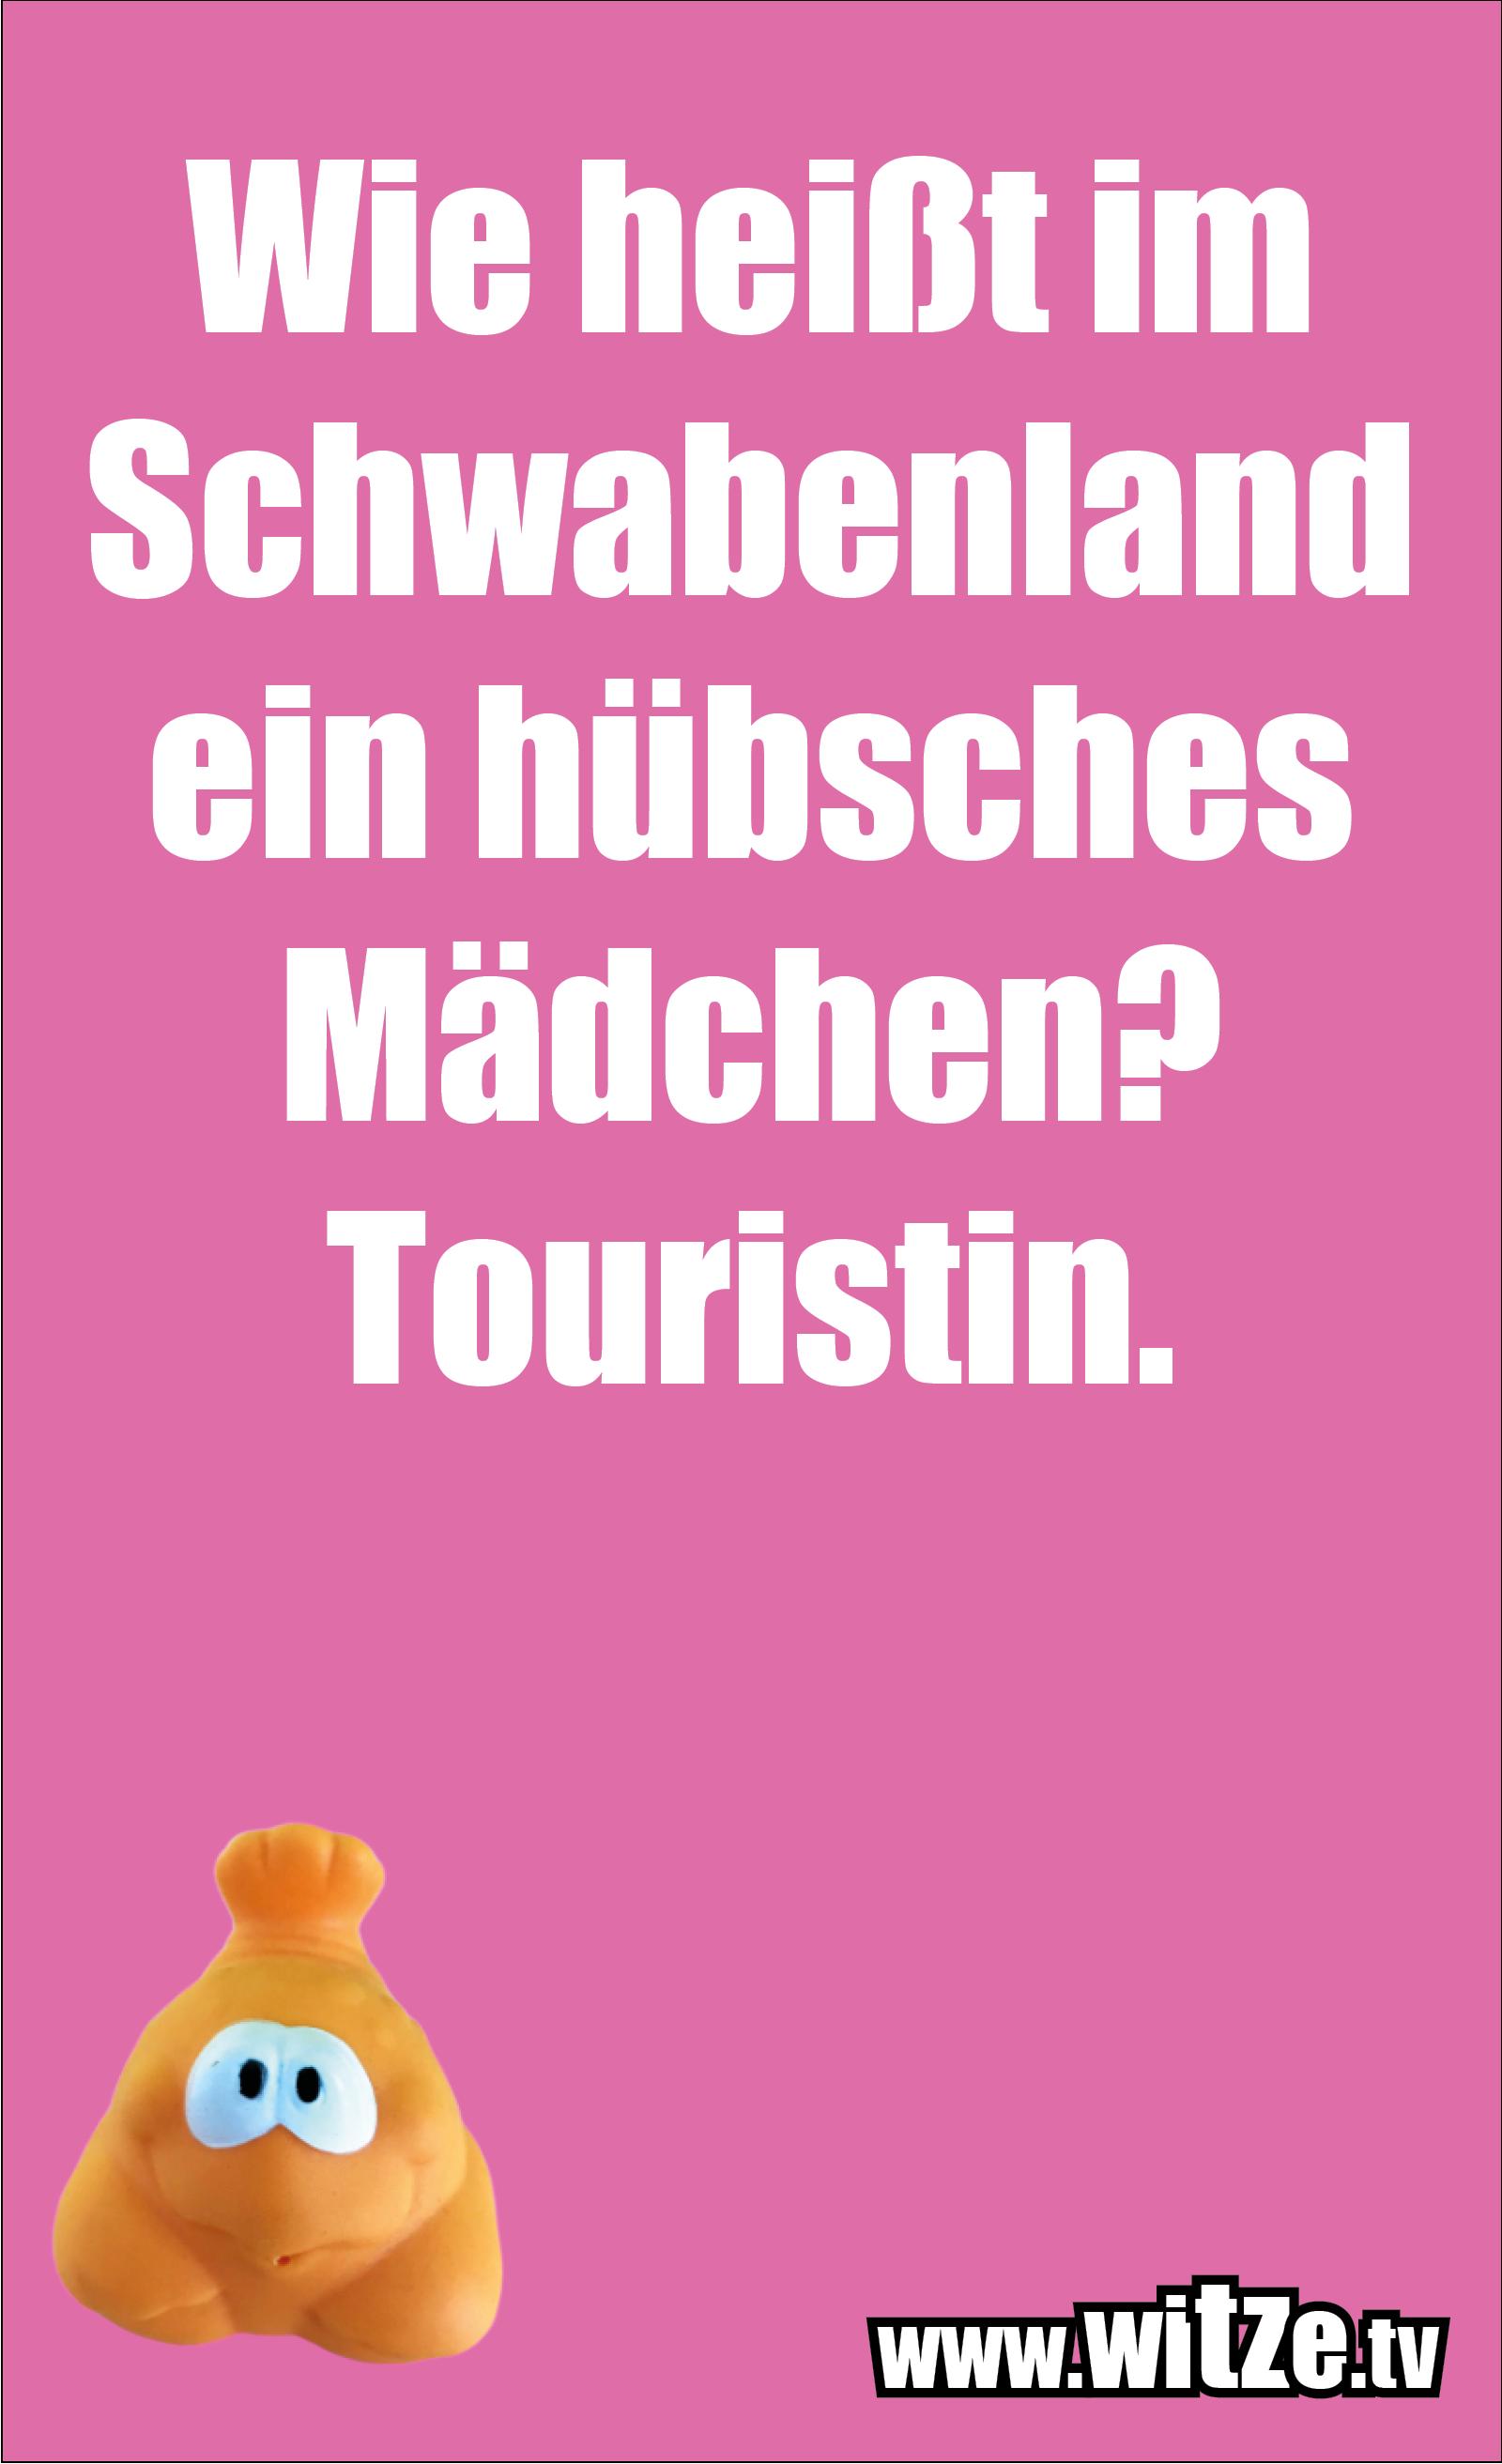 Schwaben Witz… Wie heißt im Schwabenland ein hübsches Mädchen? Touristin.